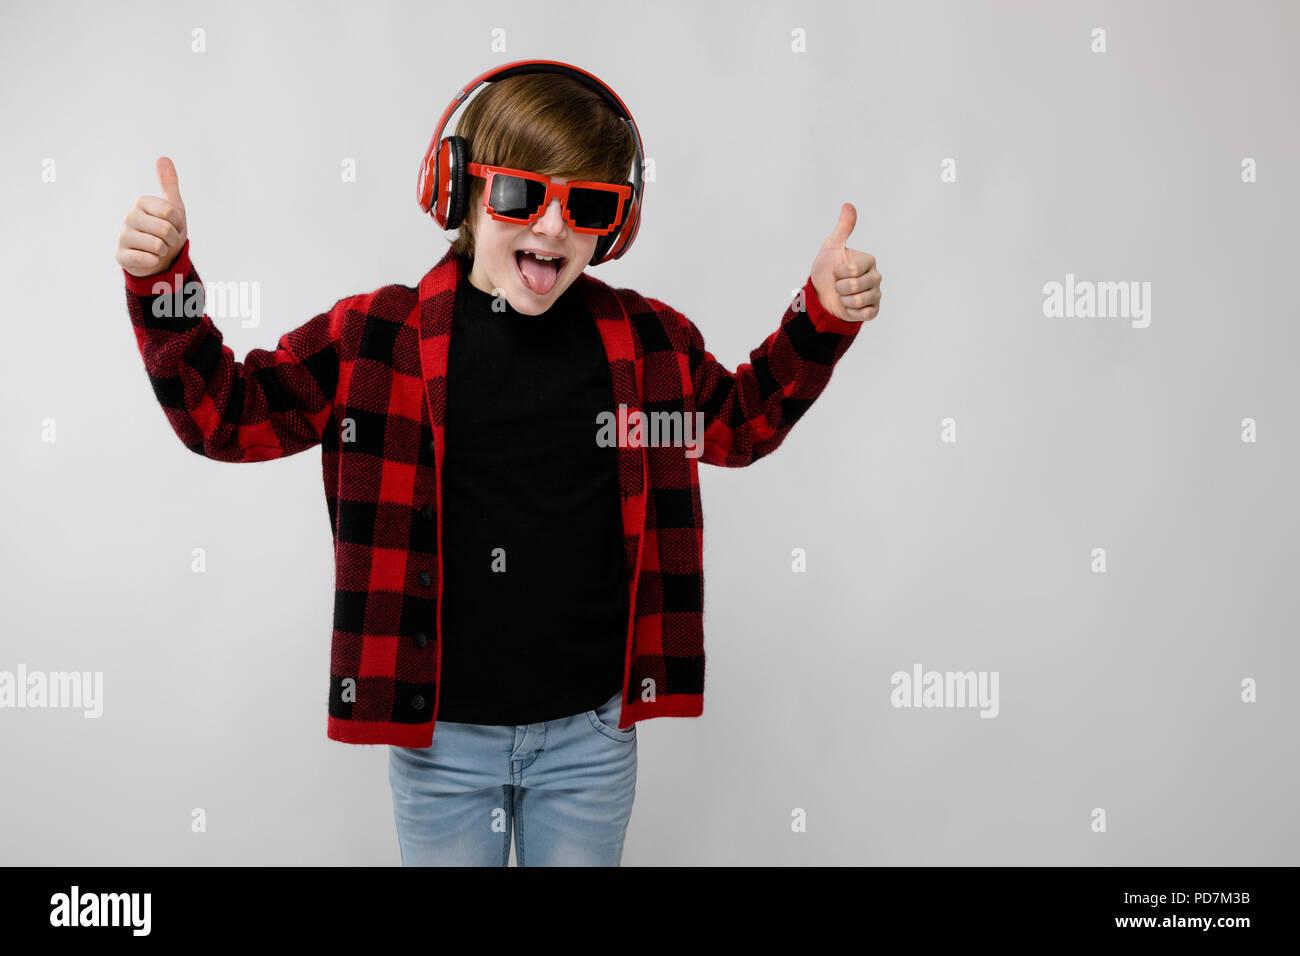 Ragazzo adolescente nel quartiere alla moda di clother e cuffie Foto ... 2b17b679adaf